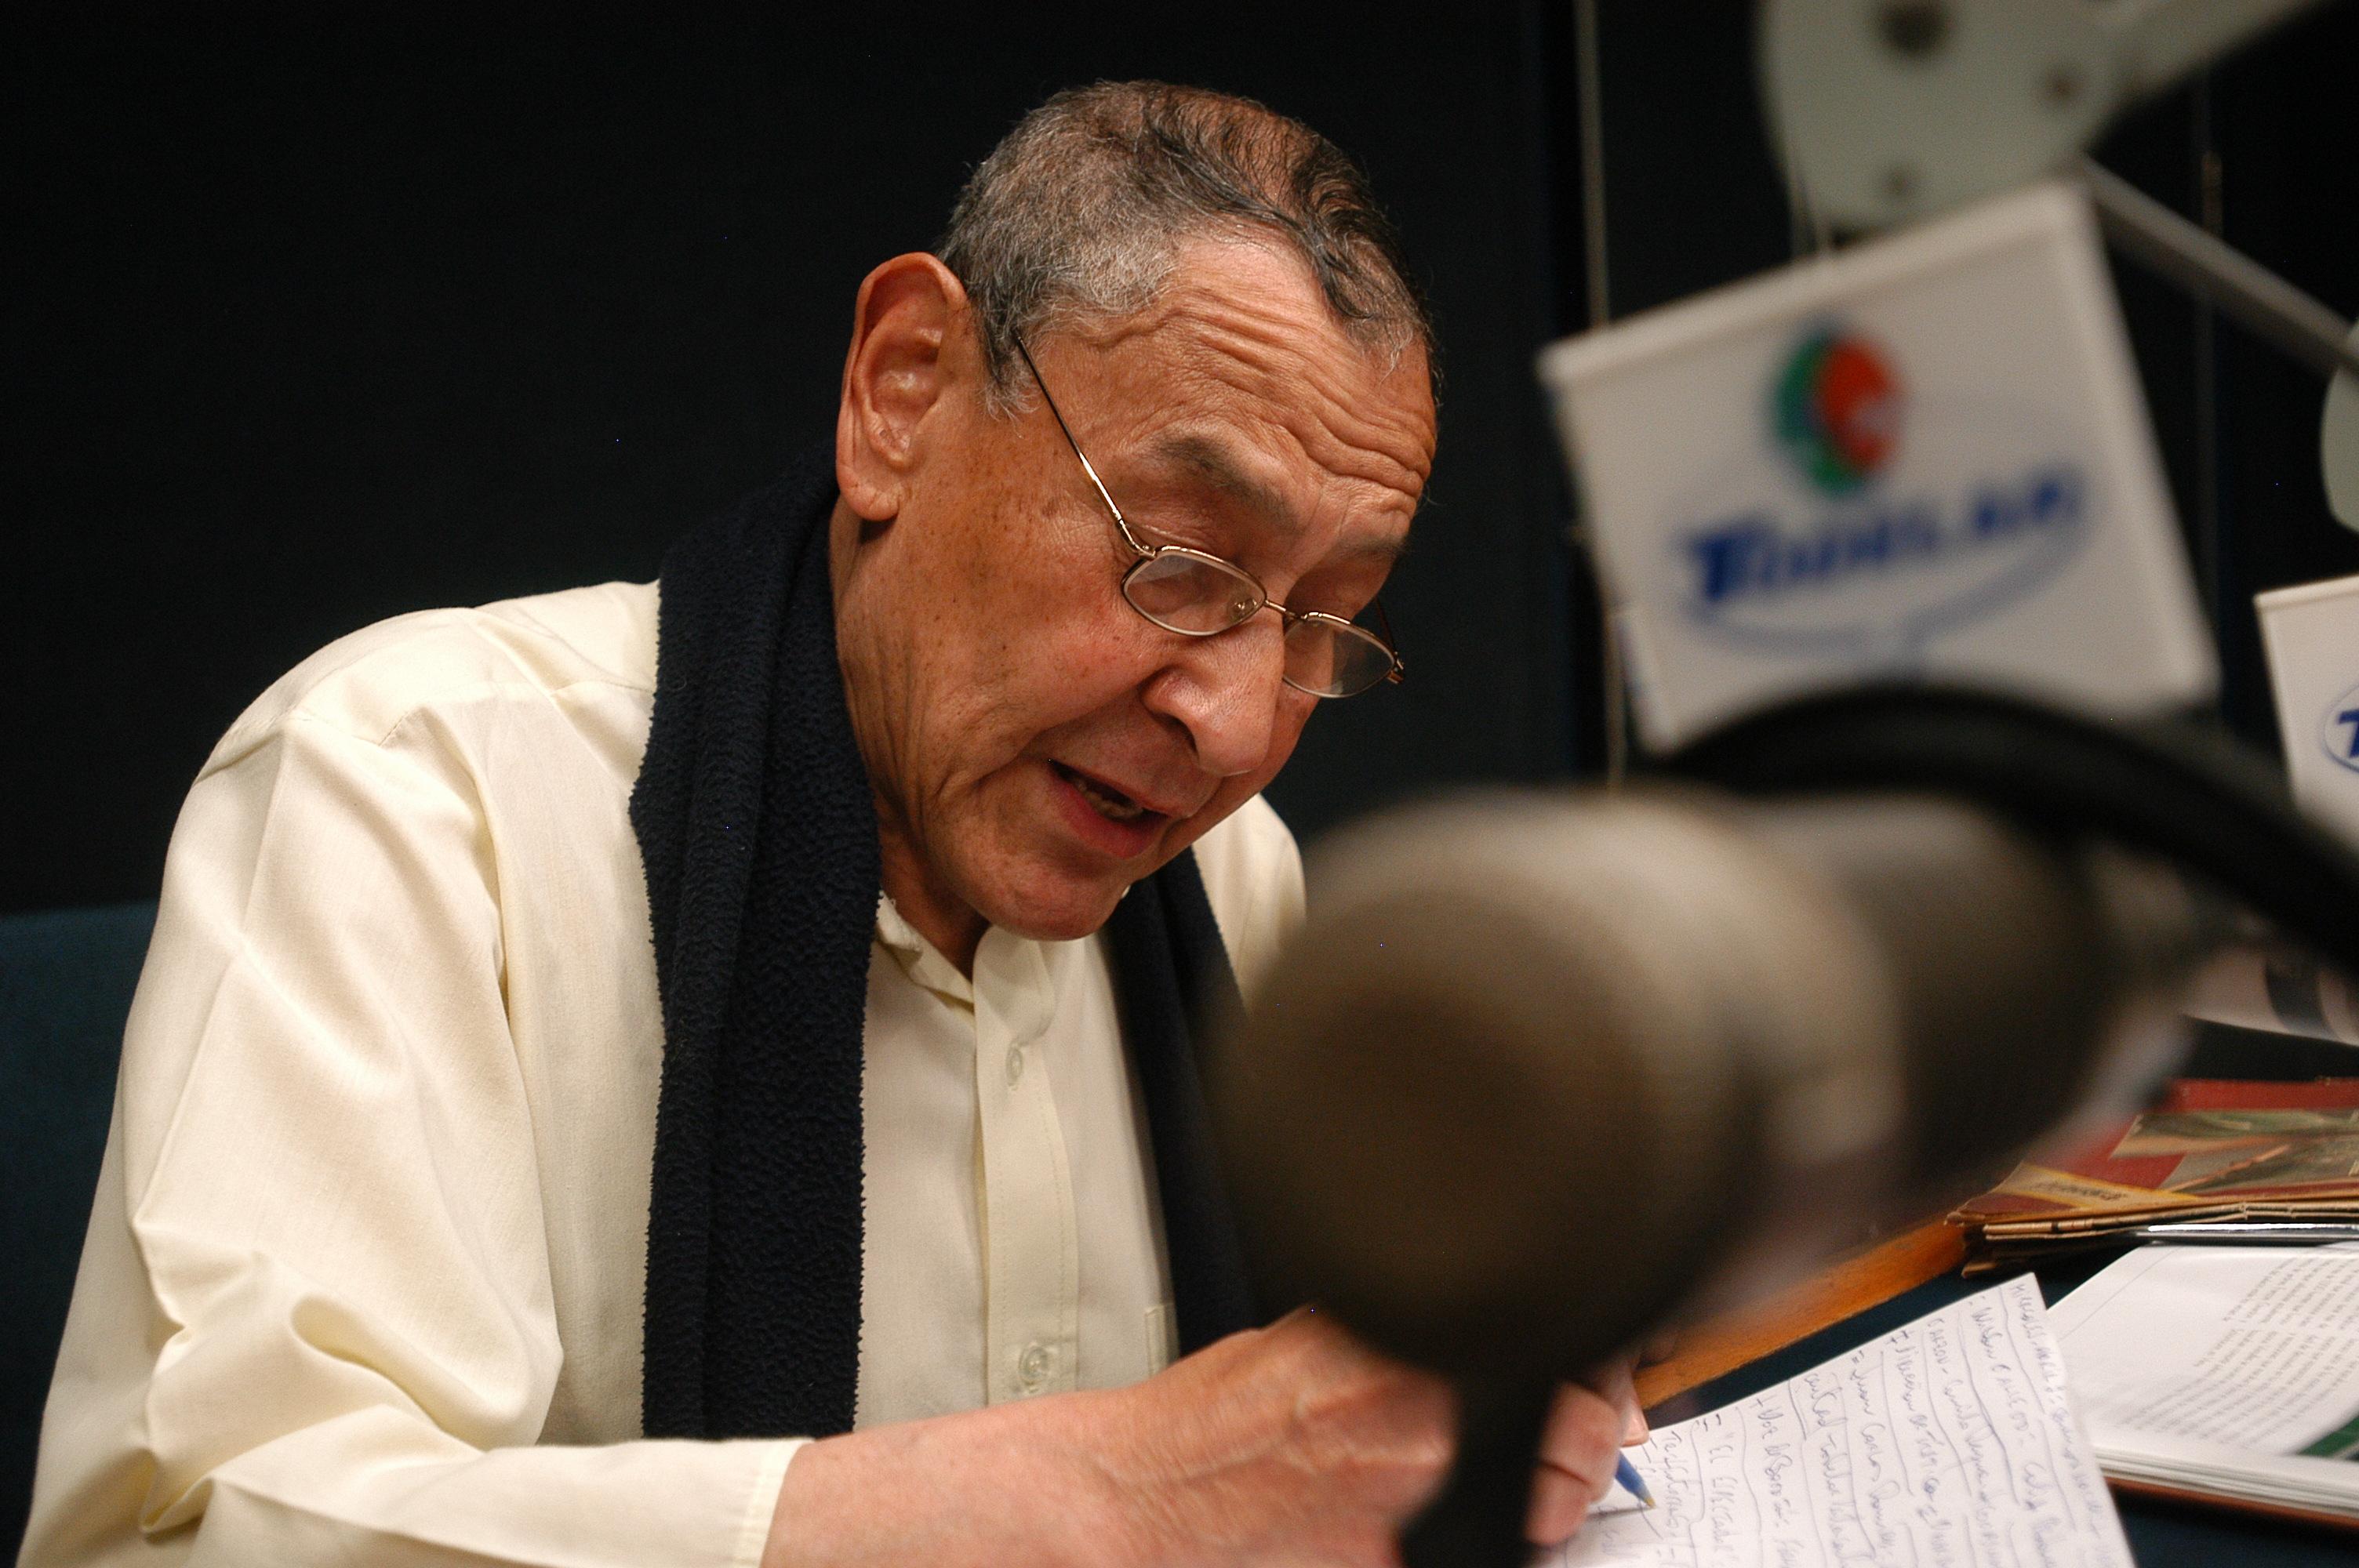 Antonio Ibañez